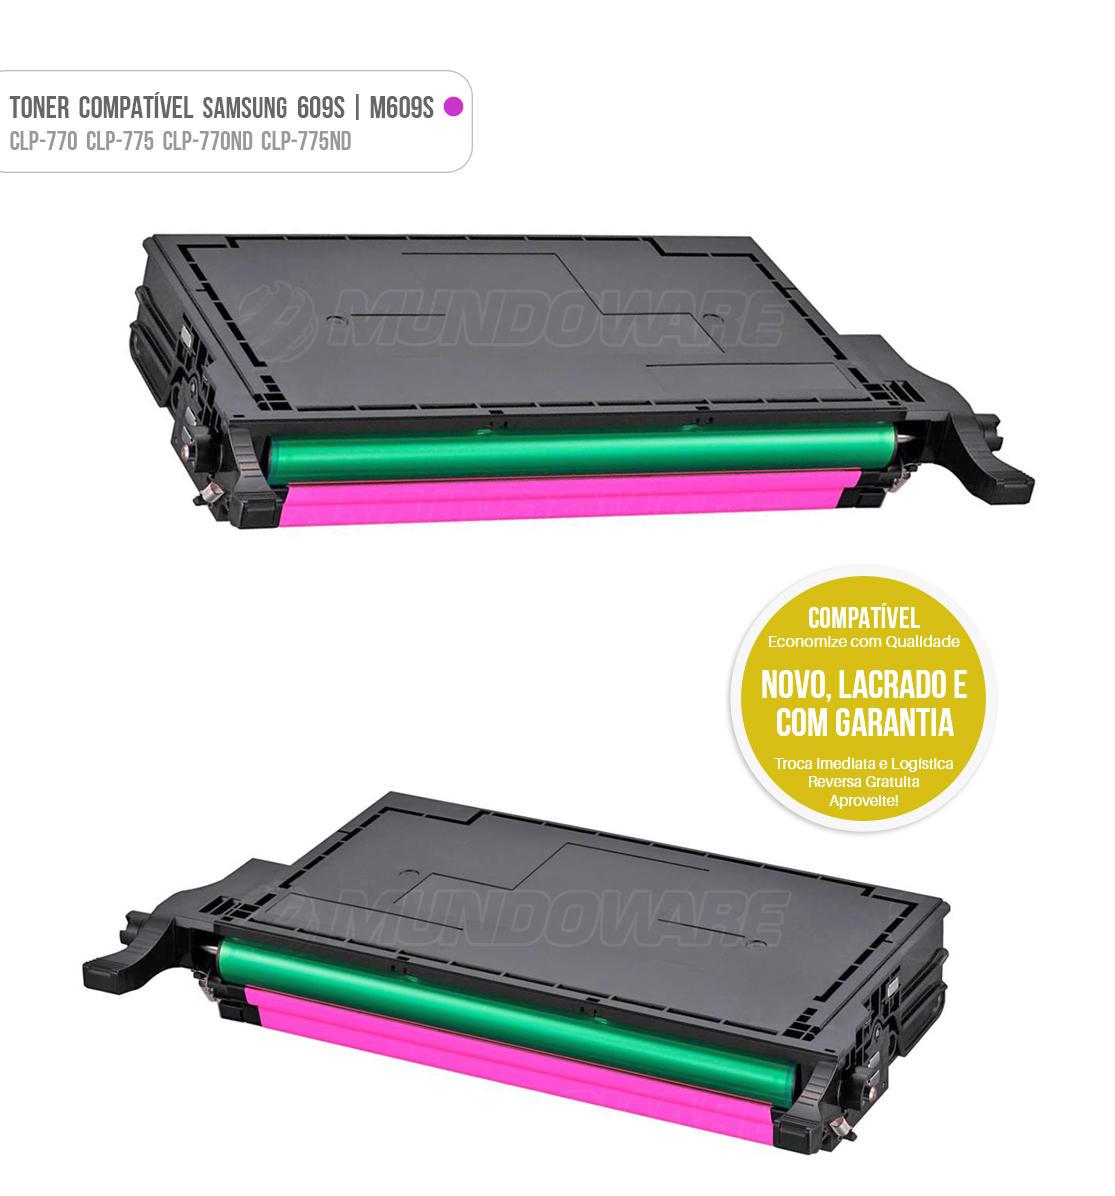 Toner Magenta Compatível com CLT609 M609S 609S para impressora Samsung CLP-770 CLP-775 CLP-770ND CLP-775ND CLP770 CLP775 CLP770ND CLP775ND Tonner